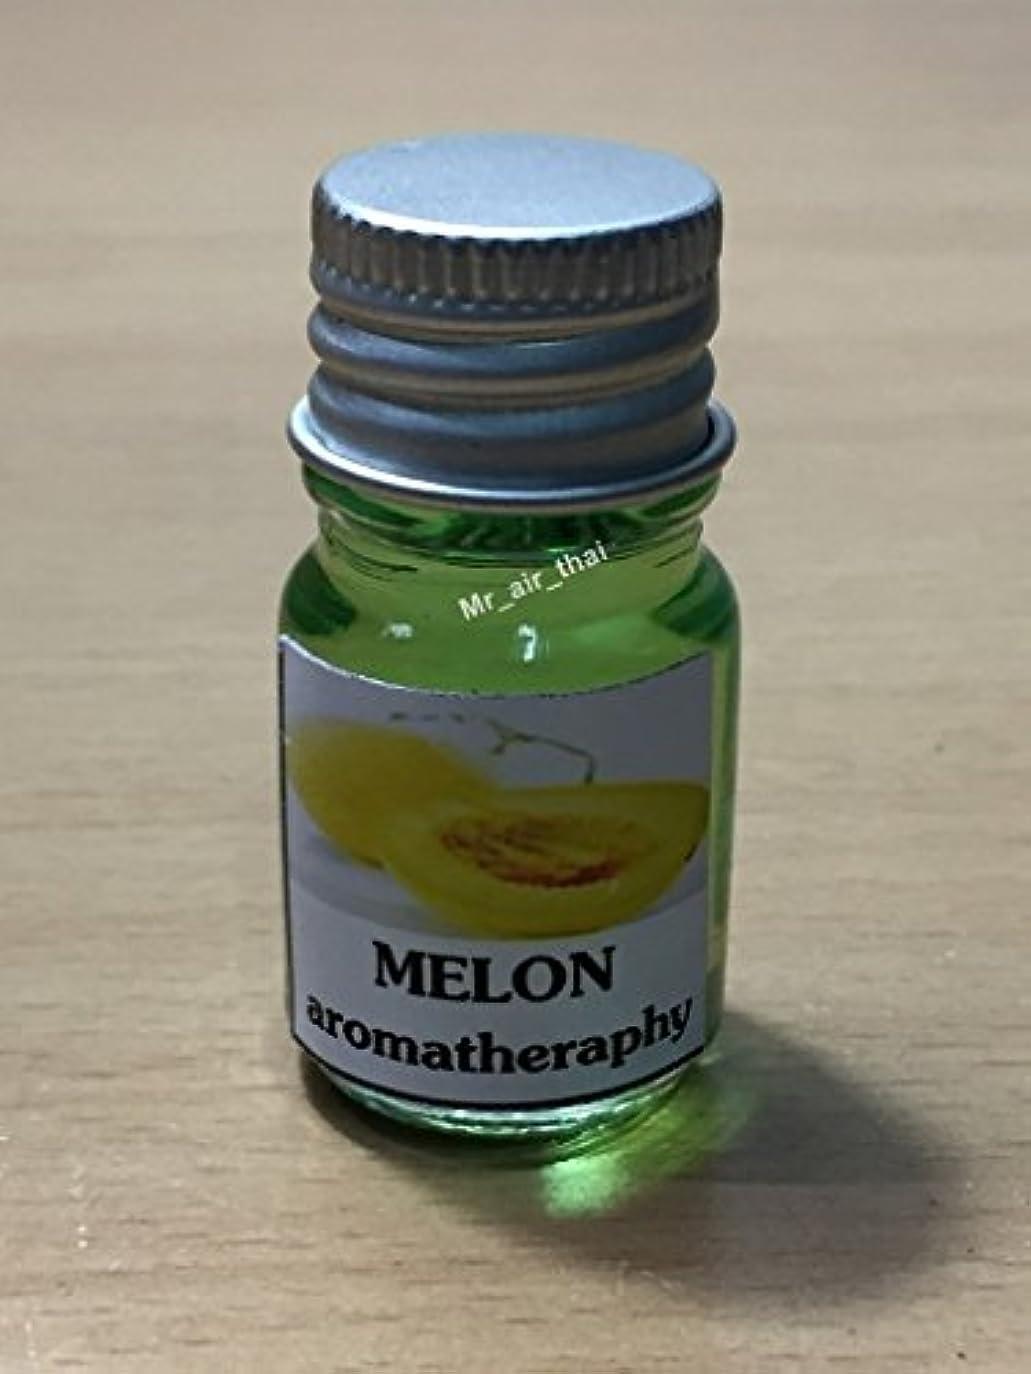 考慮機構予定5ミリリットルアロマメロンフランクインセンスエッセンシャルオイルボトルアロマテラピーオイル自然自然5ml Aroma Melon Frankincense Essential Oil Bottles Aromatherapy...